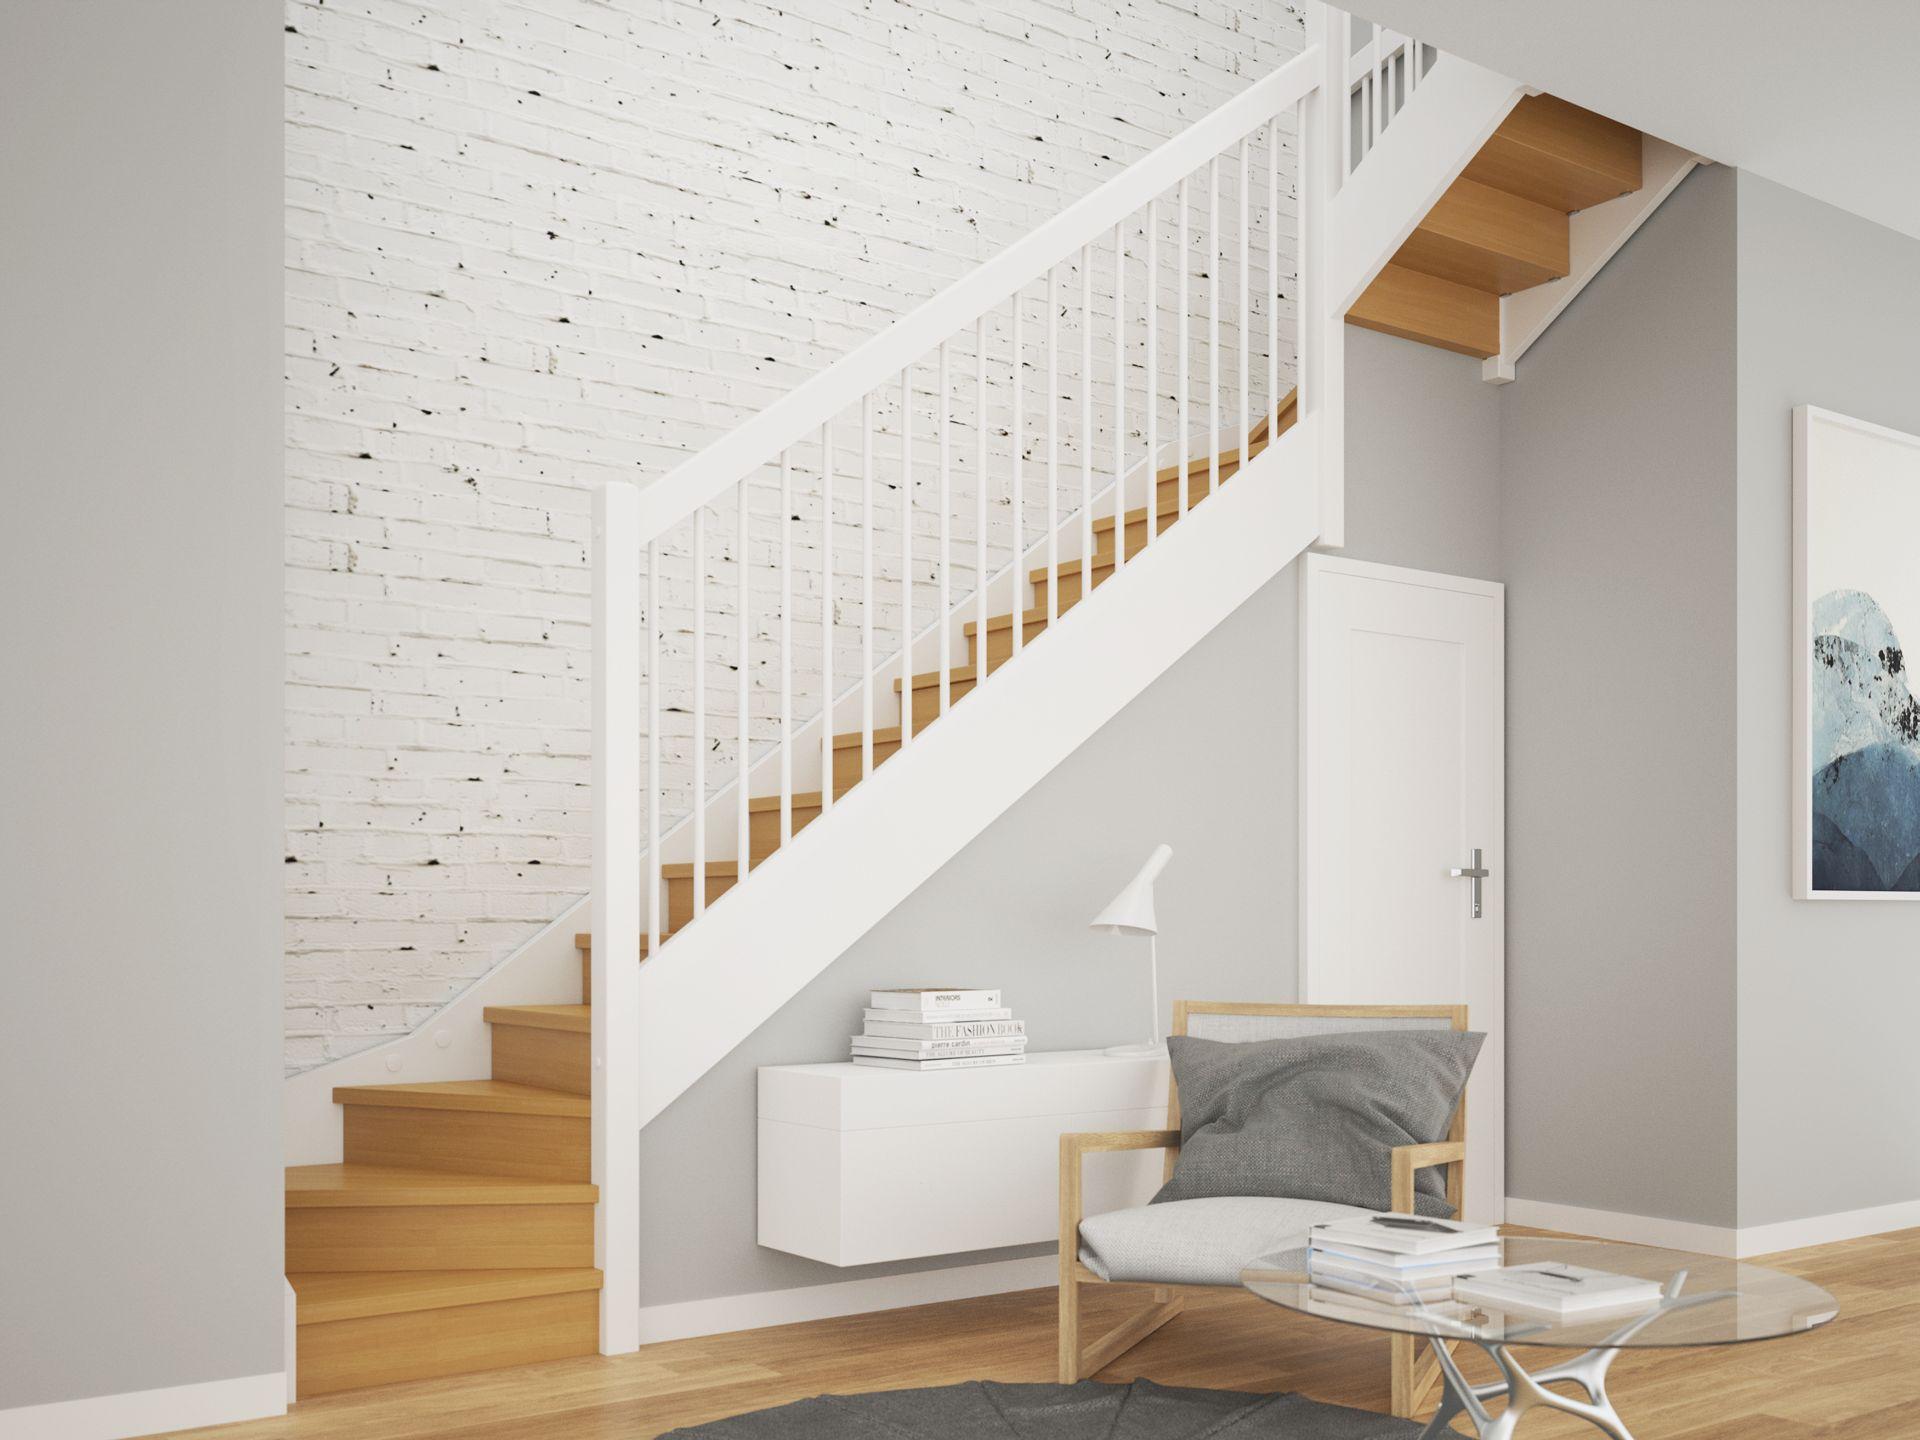 schody w stylu skandynawskim